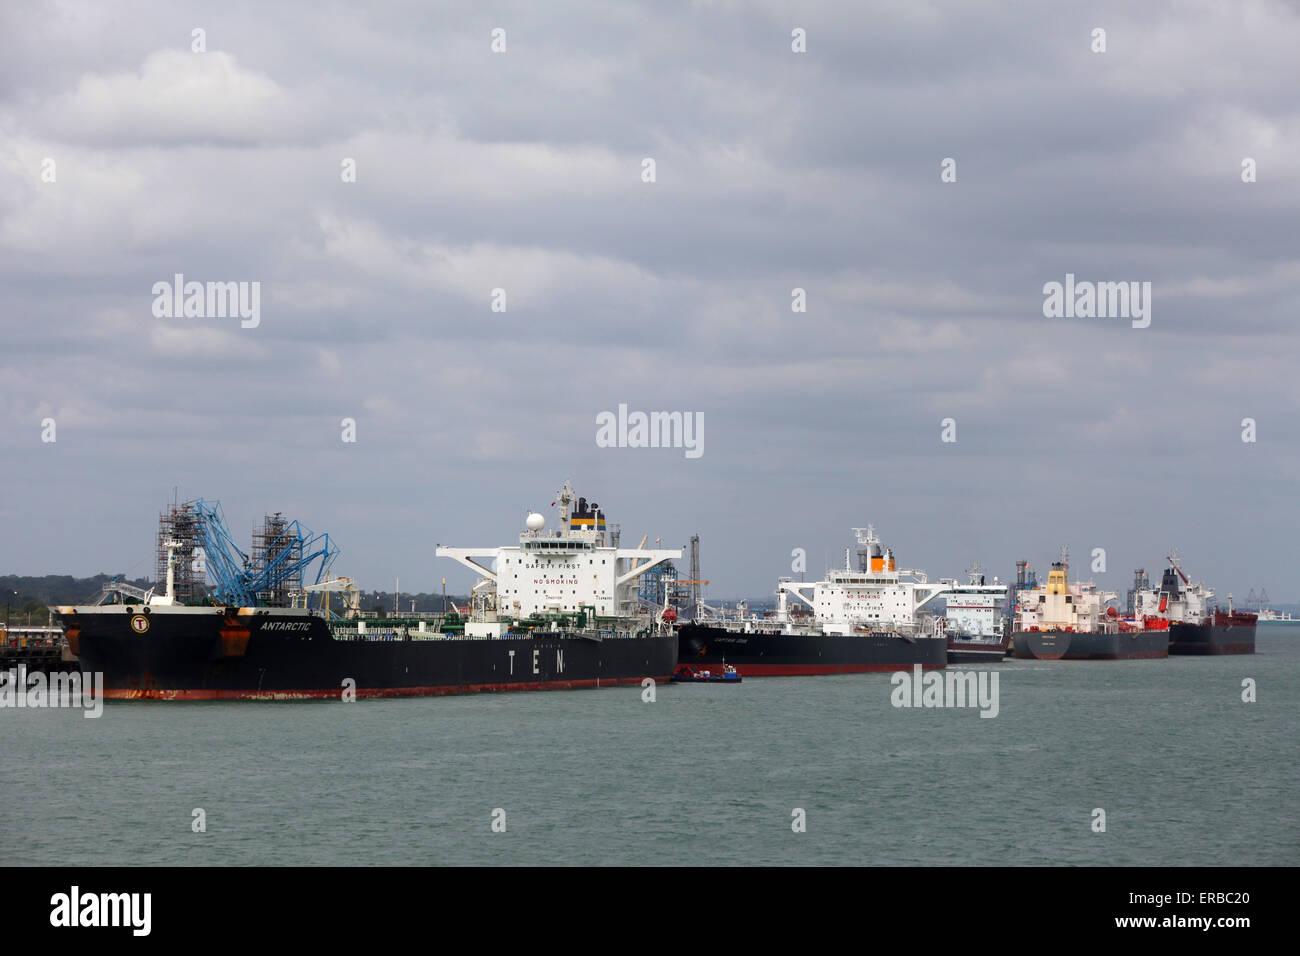 La queue aux pétroliers raffinerie de Fawley (l-r) de l'Antarctique, le Capitaine John, le nord de l'océan, Sextans et Nordic Amy Banque D'Images